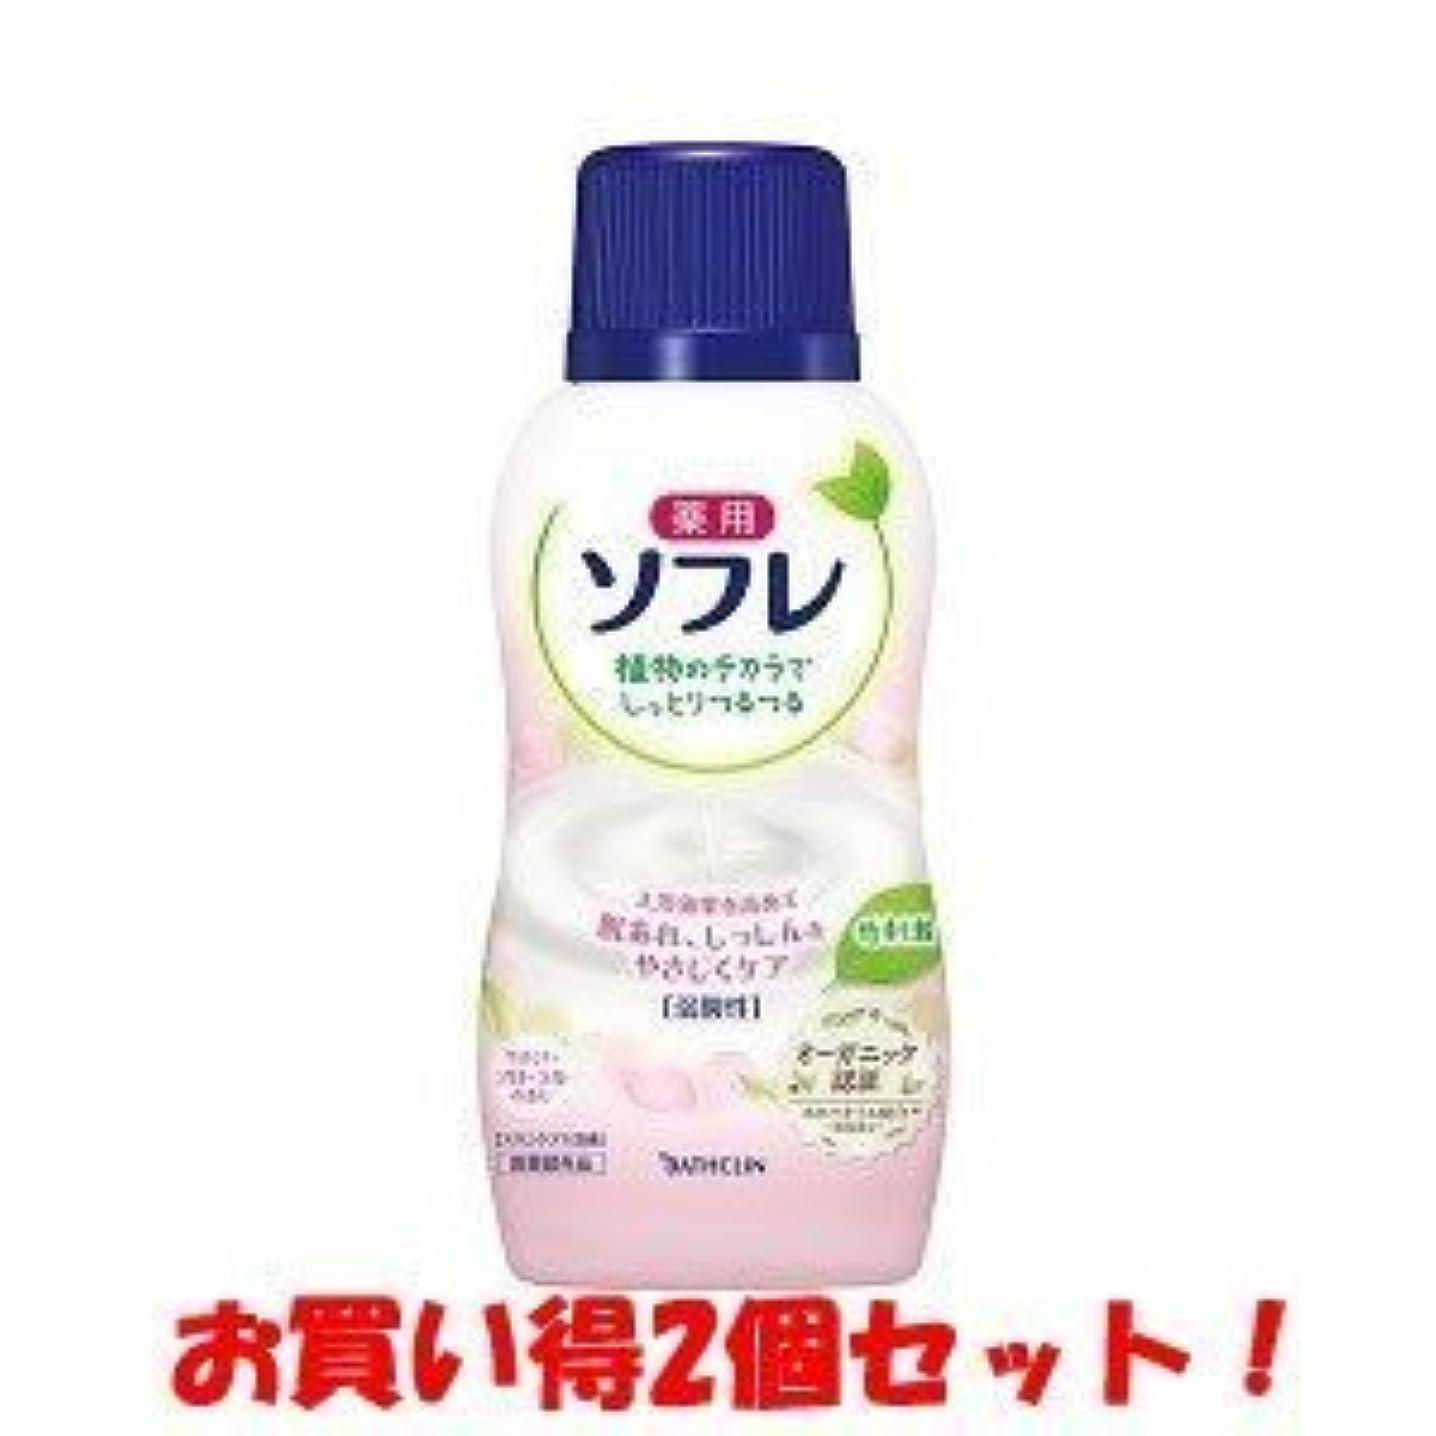 数学モール刈る(バスクリン)薬用ソフレ スキンケア入浴液 やさしいフローラル香り 720ml(医薬部外品)(お買い得2個セット)